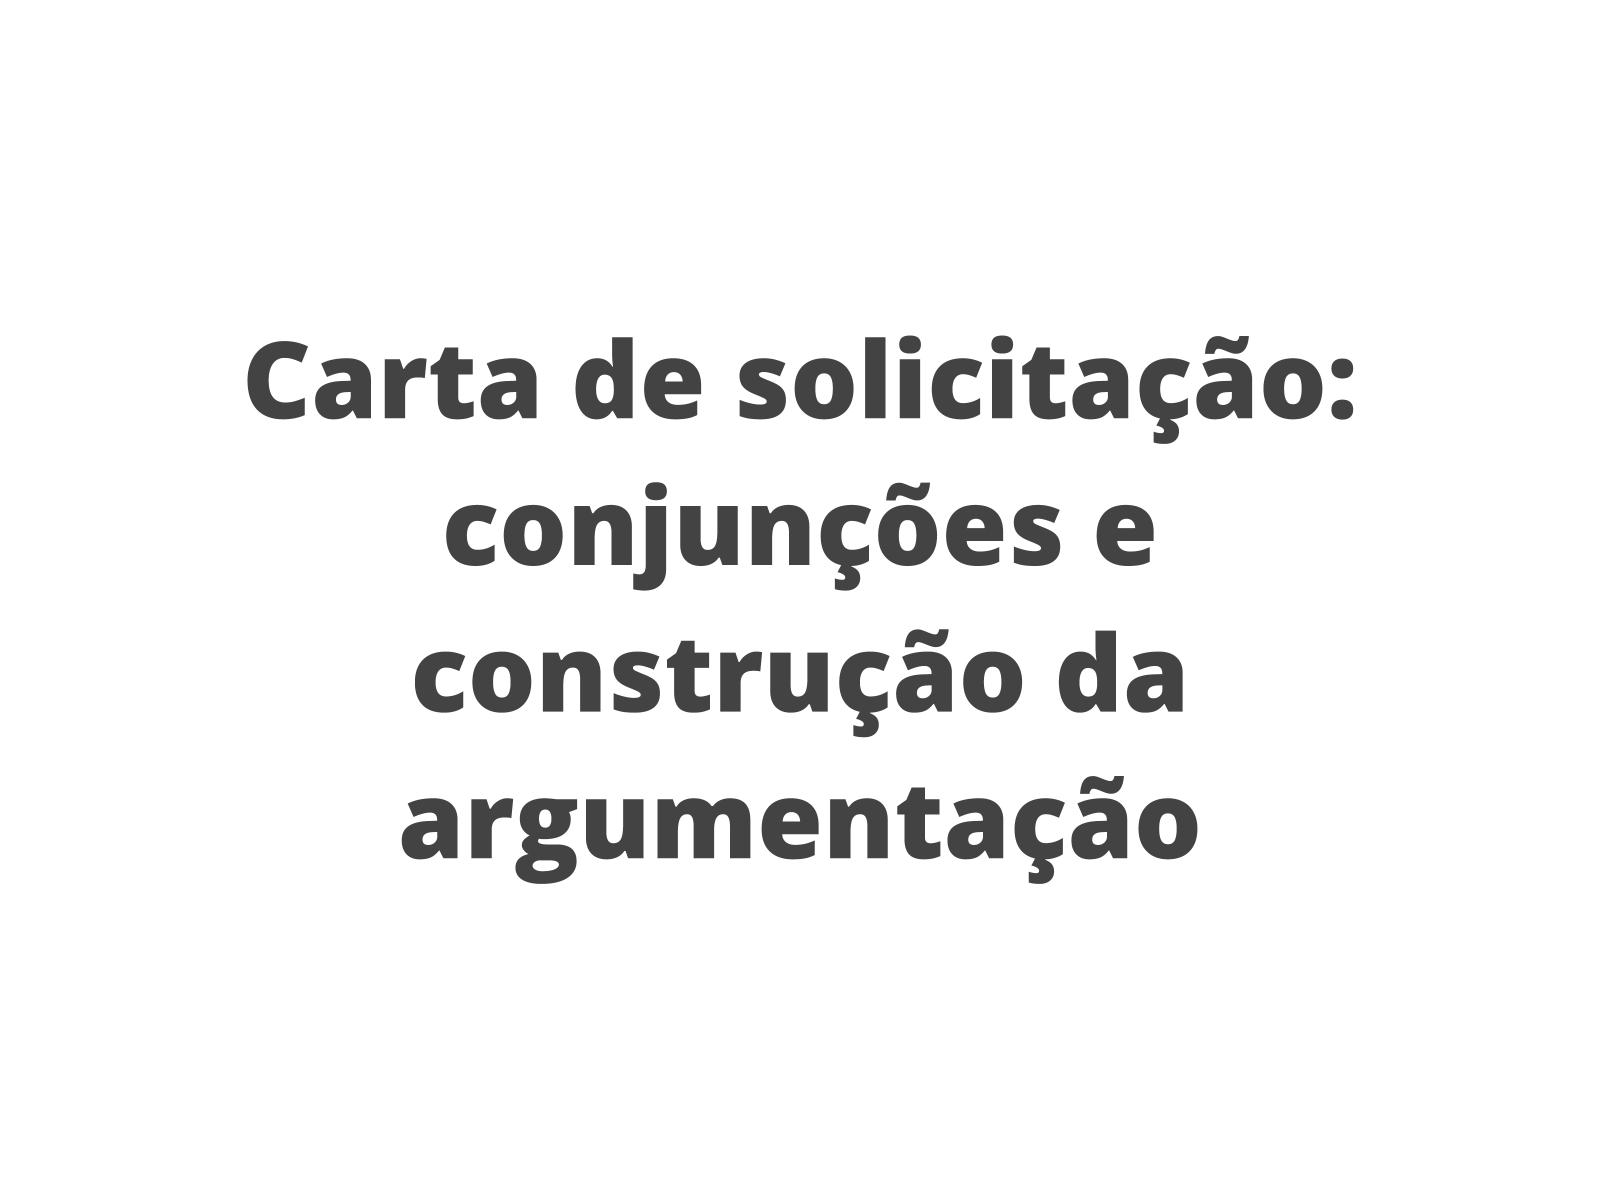 Carta de solicitação: conjunções e construção da argumentação